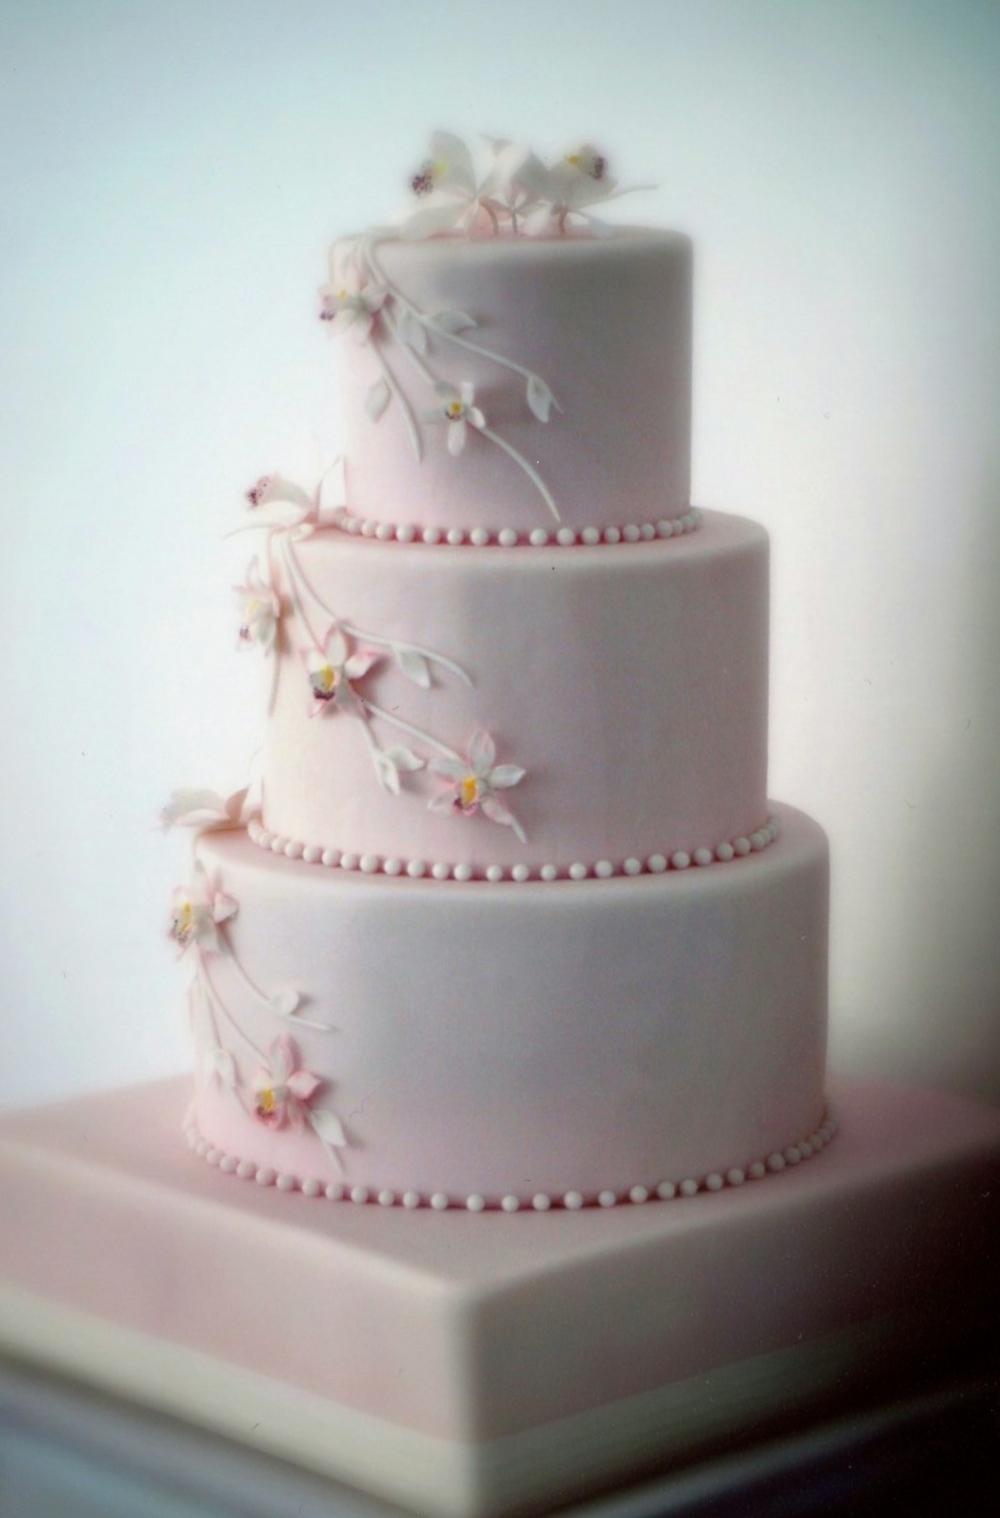 cake blurry.jpg